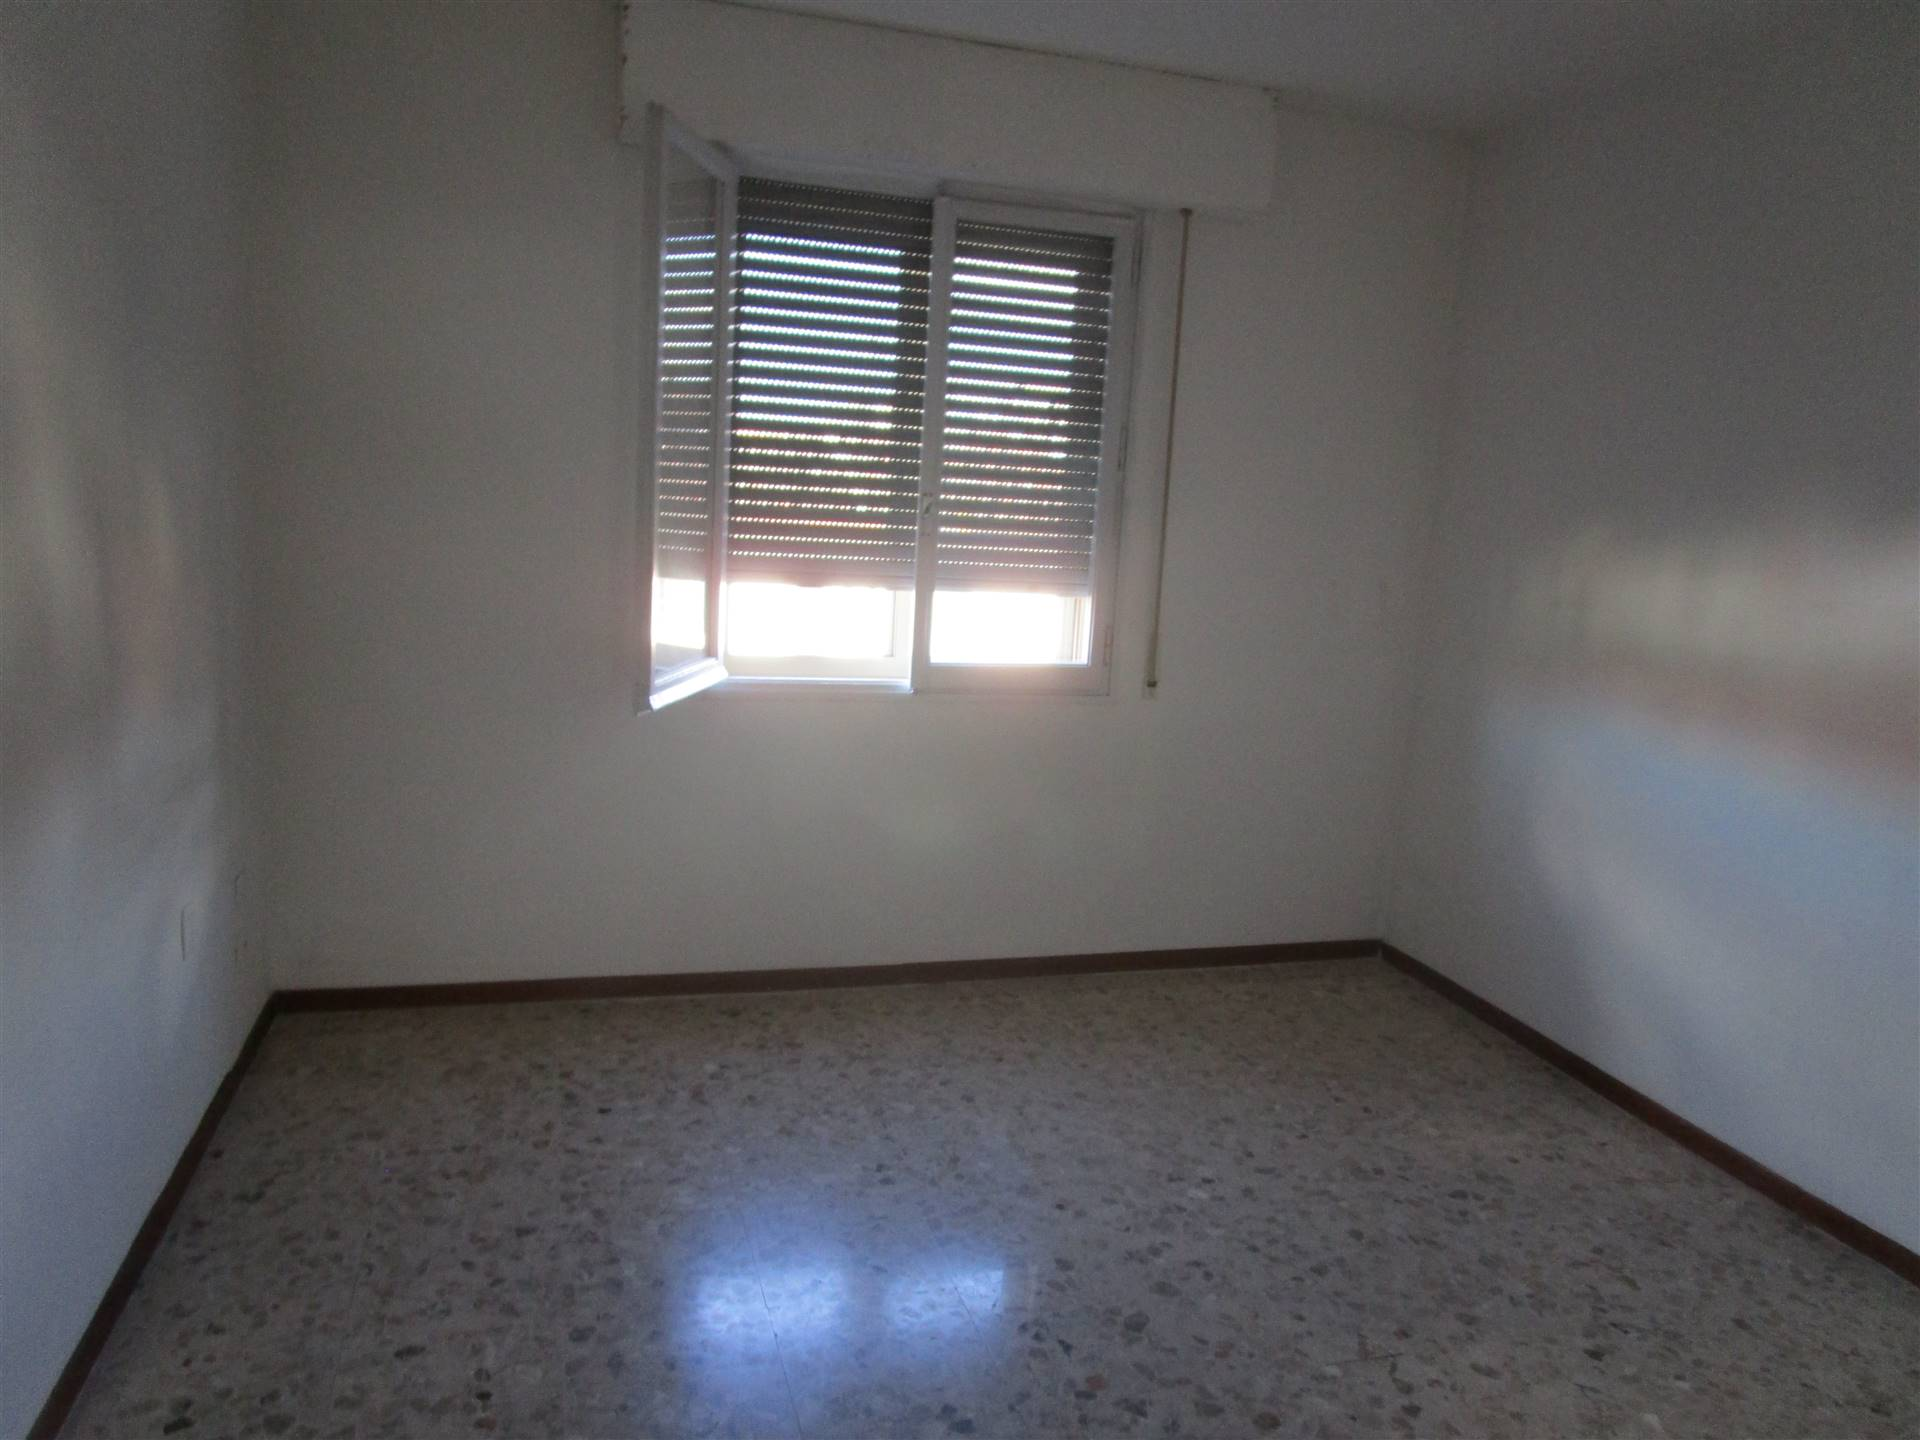 Appartamento in Affitto a Campi bisenzio zona  - immagine 5